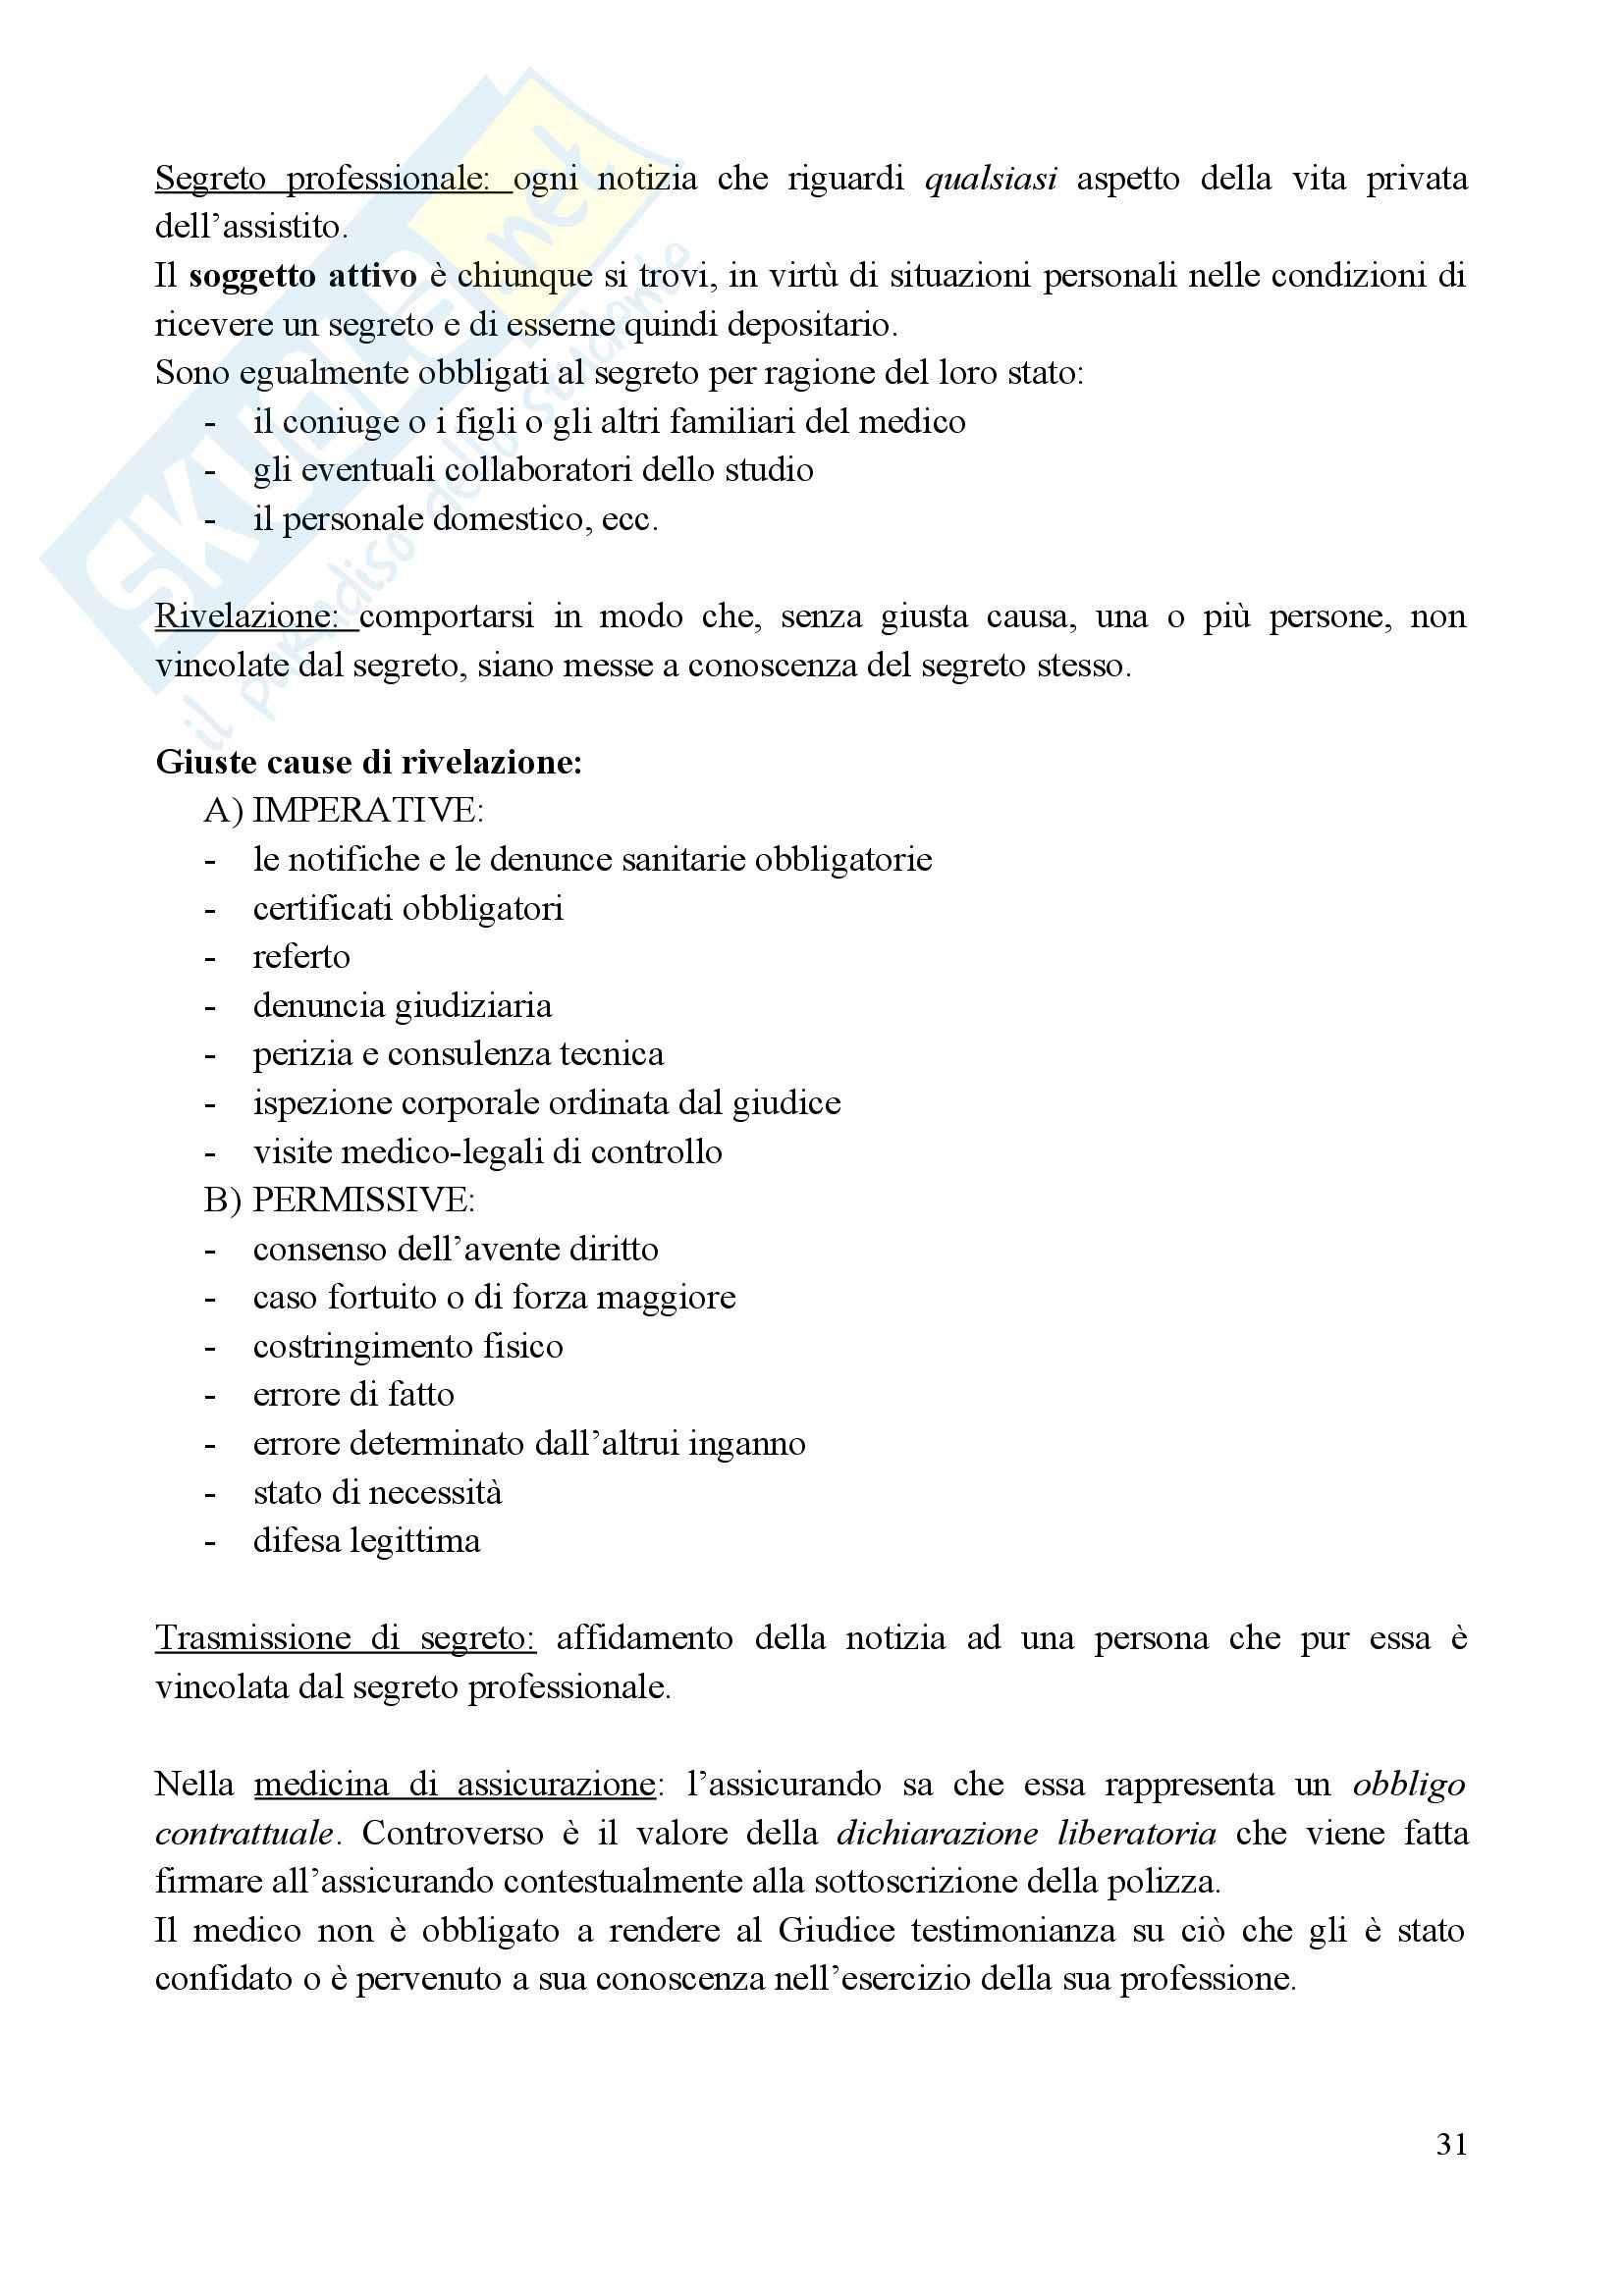 Medicina legale e delle Assicurazioni - il metodo med-legale Pag. 31